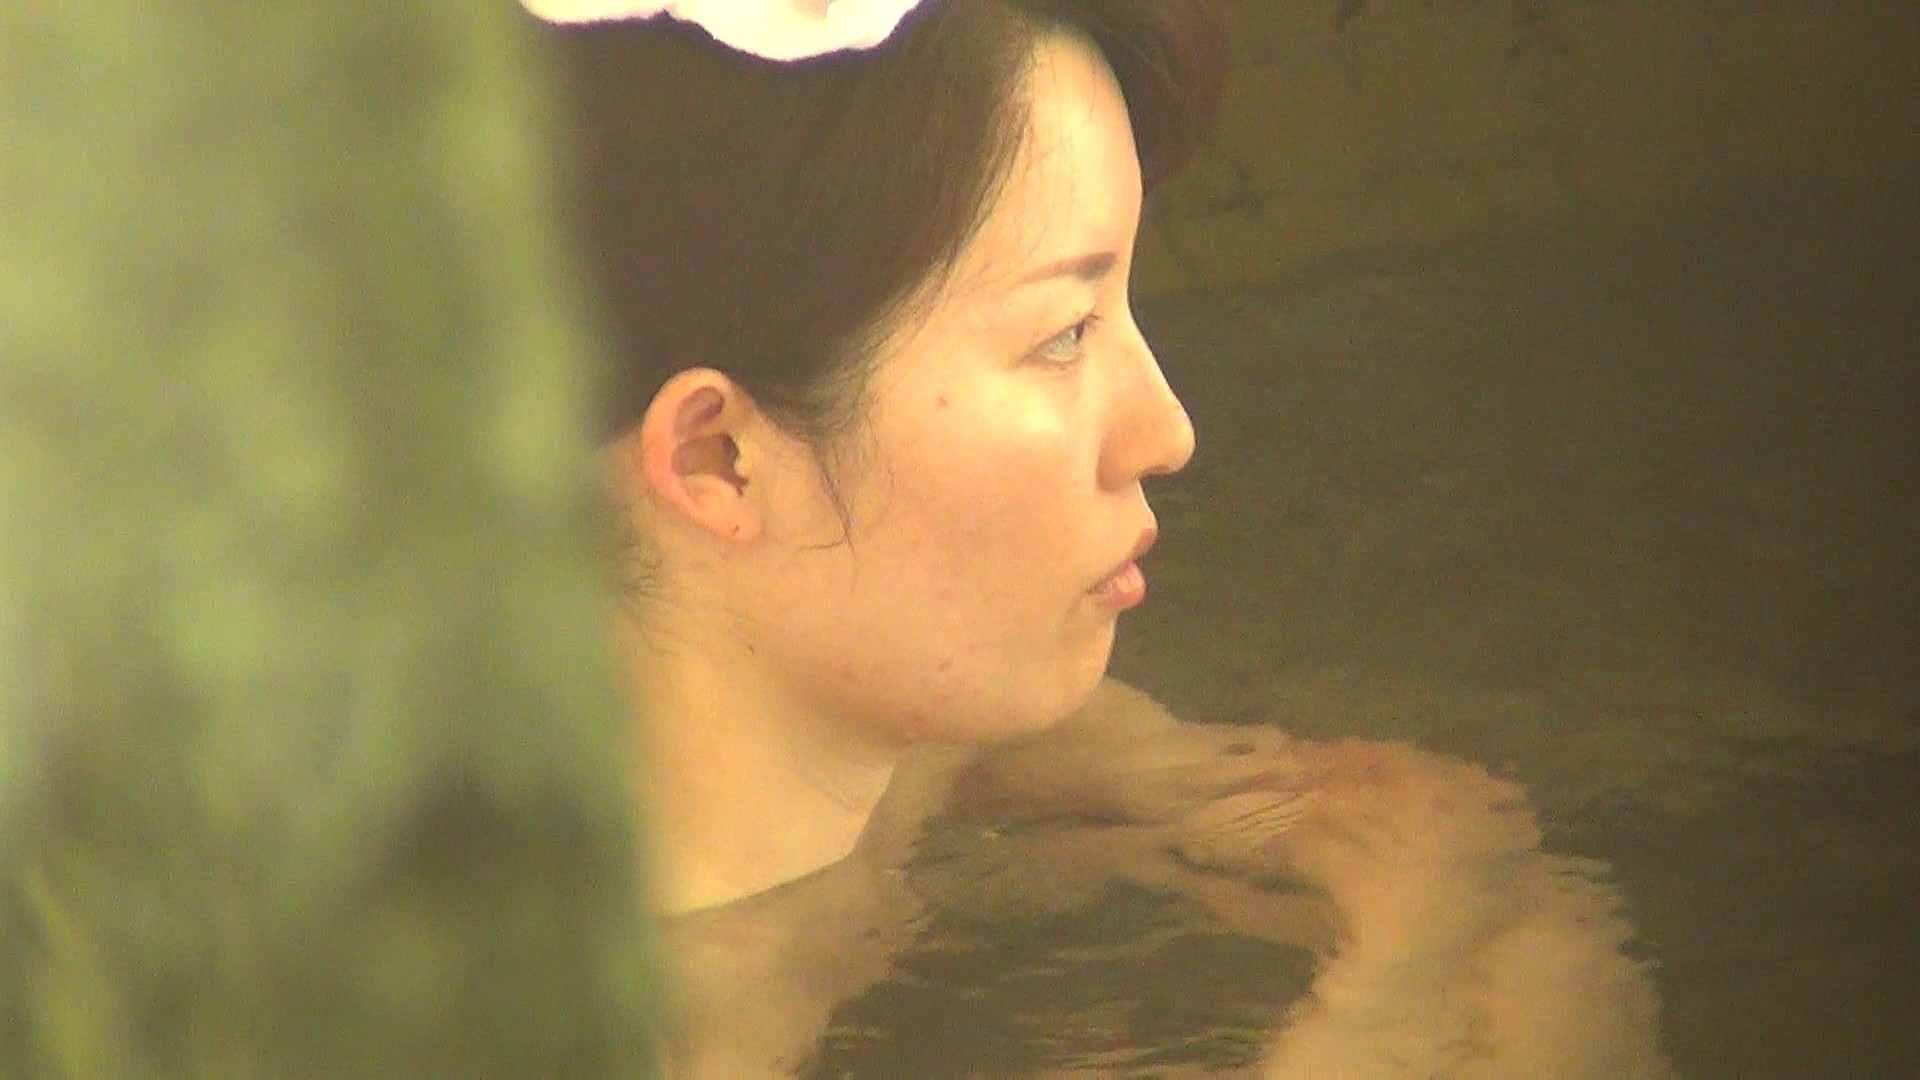 Aquaな露天風呂Vol.301 露天 | 盗撮  85画像 73